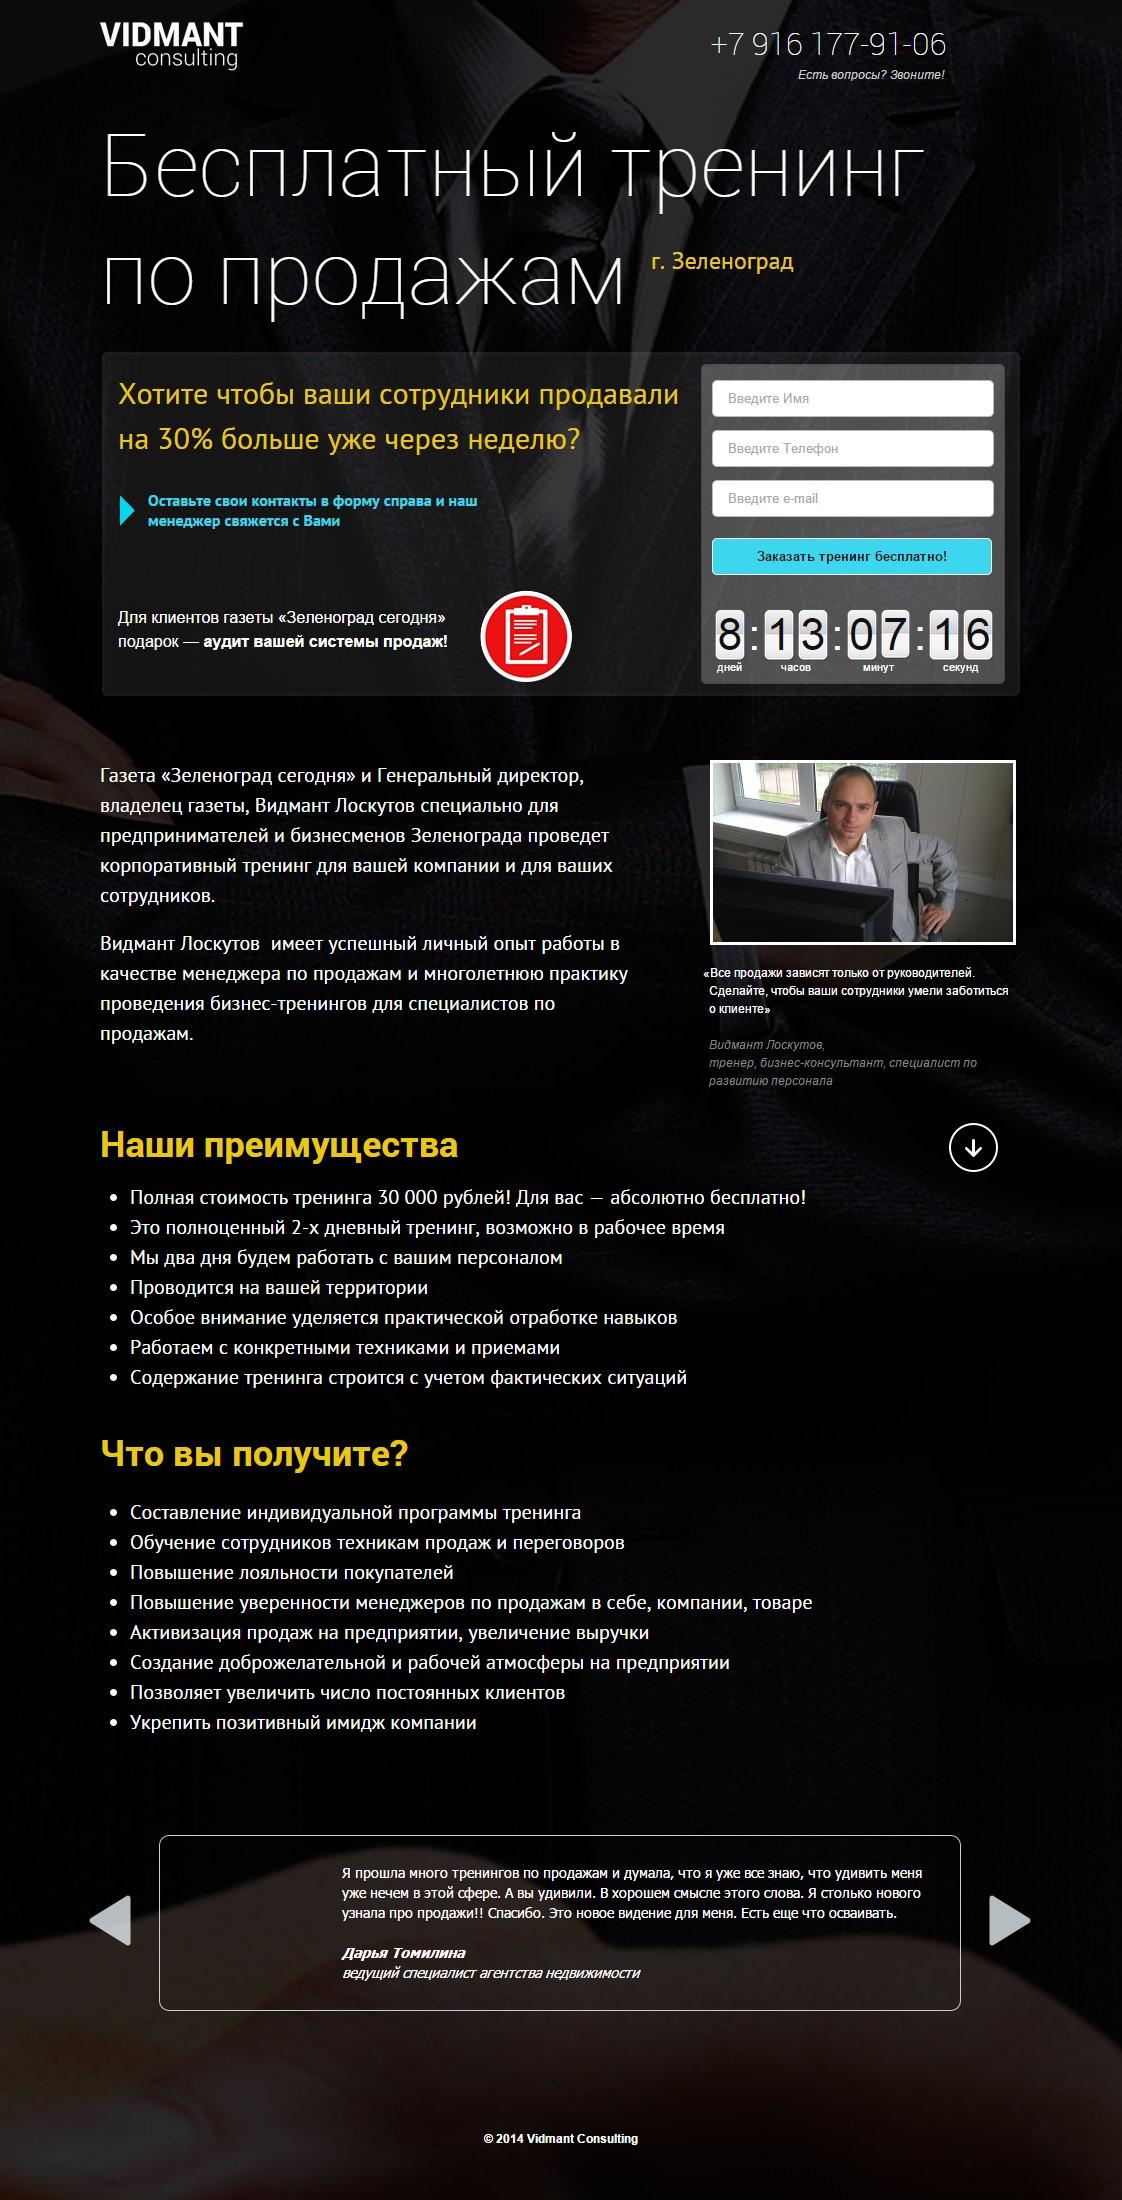 Подписная страница для Видманта Лоскутова